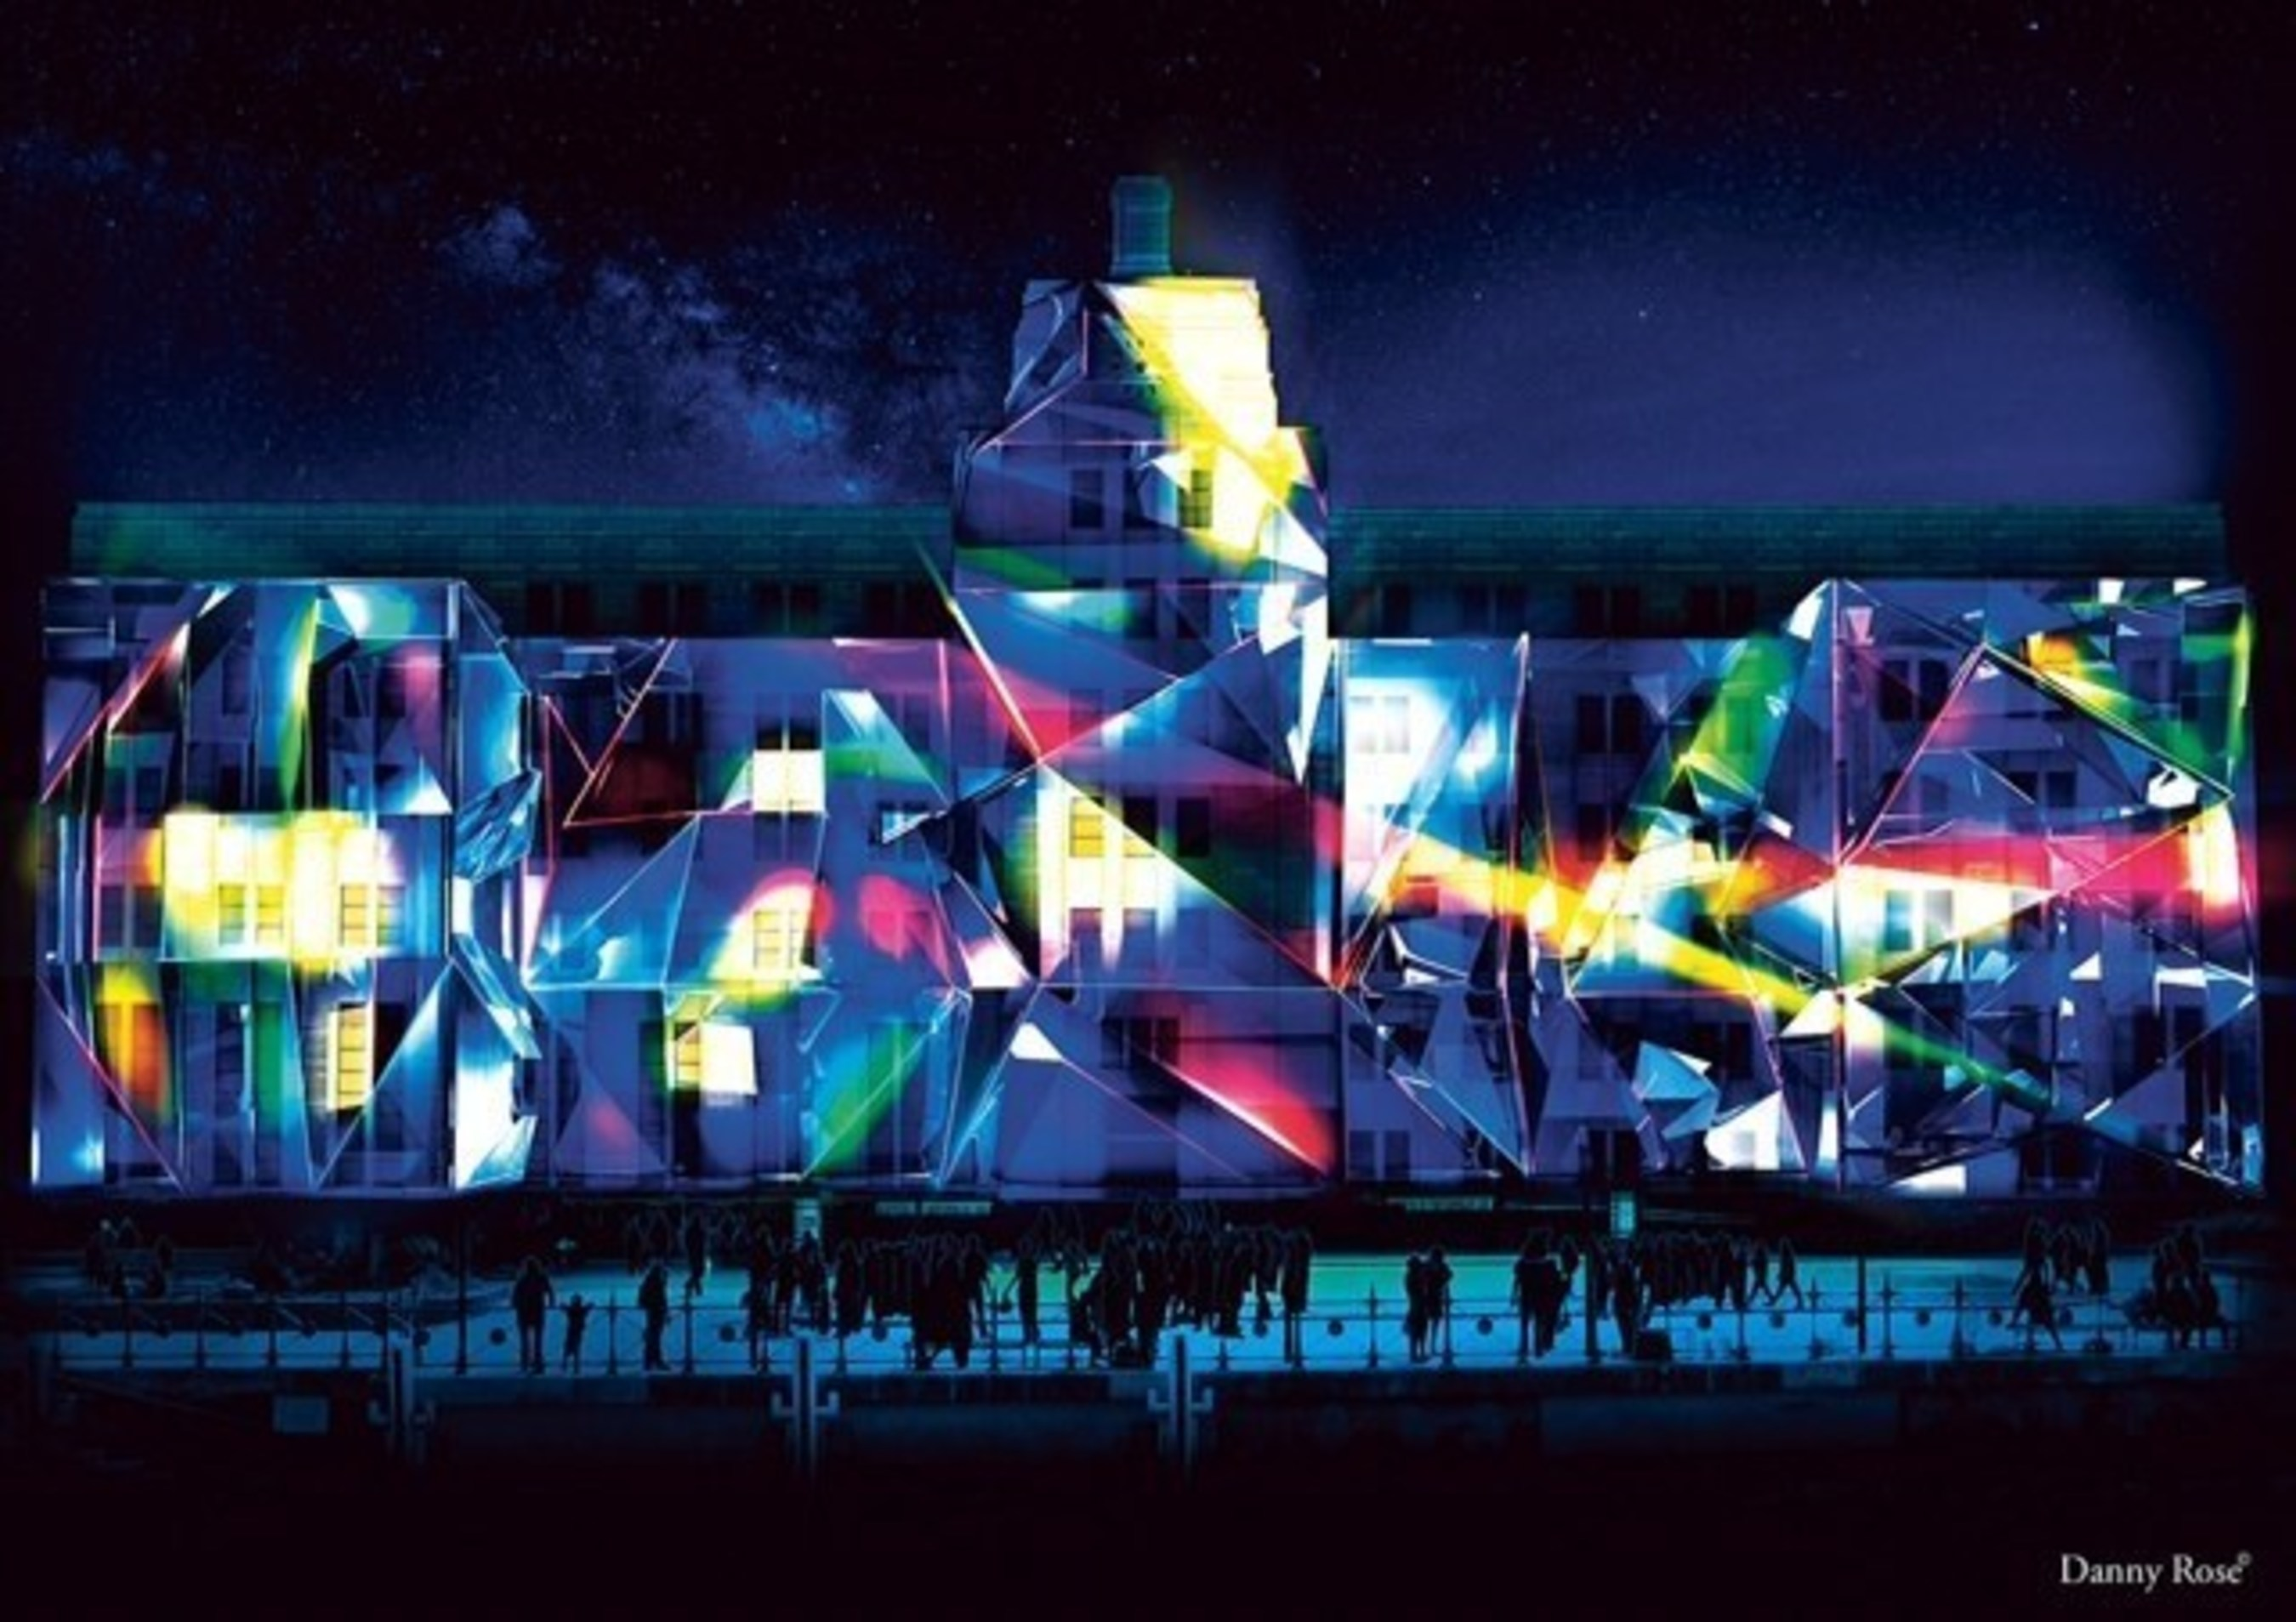 Vivid Sydney 2015: größtes Programm aller Zeiten angekündigt